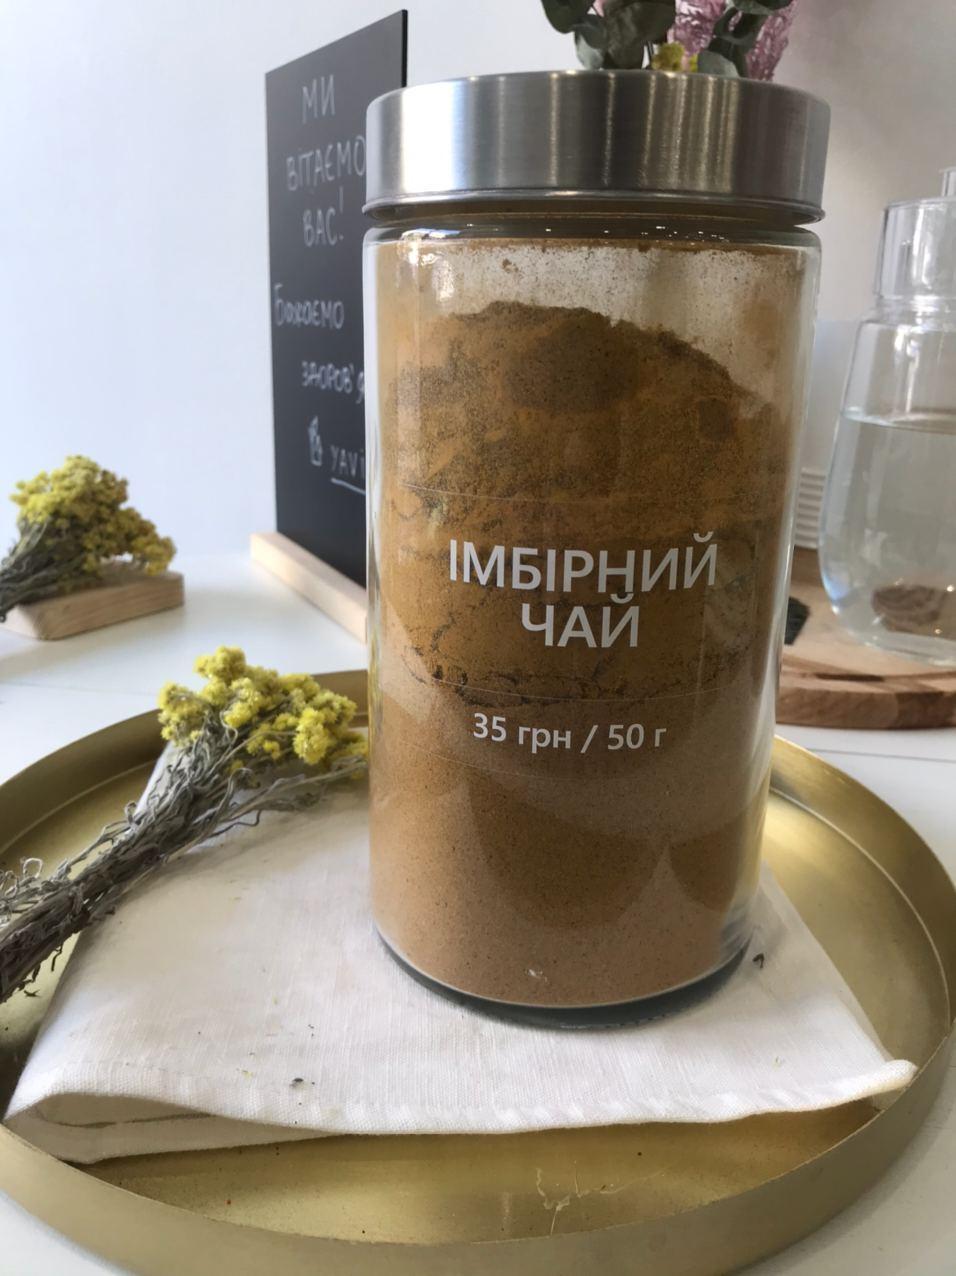 Імбирний чай (суміш спецій)